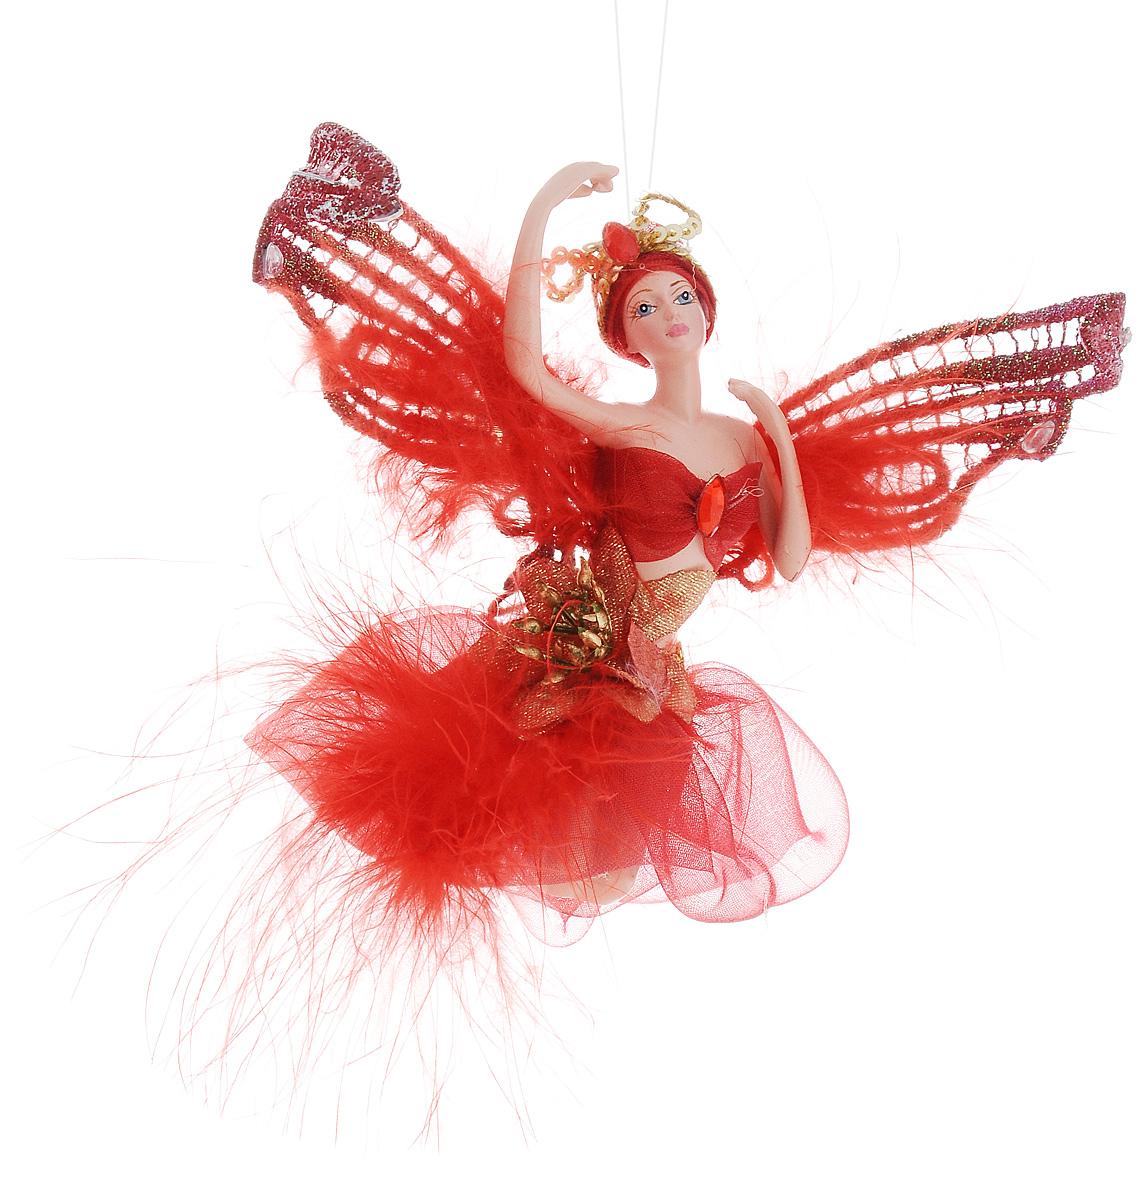 Украшение декоративное подвесное Winter Wings Фея, высота 15 см. N181724N181724Новогоднее подвесное украшение Winter Wings Фея выполнено из полирезина в виде очаровательной феи с крыльями. Изделие оформлено перьями и стразами. С помощью специальной петельки украшение можно повесить в любом понравившемся вам месте. Но, конечно, удачнее всего оно будет смотреться на праздничной елке. Елочная игрушка - символ Нового года. Она несет в себе волшебство и красоту праздника. Создайте в своем доме атмосферу веселья и радости, украшая новогоднюю елку нарядными игрушками, которые будут из года в год накапливать теплоту воспоминаний. Размер: 19,5 х 4,5 см. Высота: 15 см.